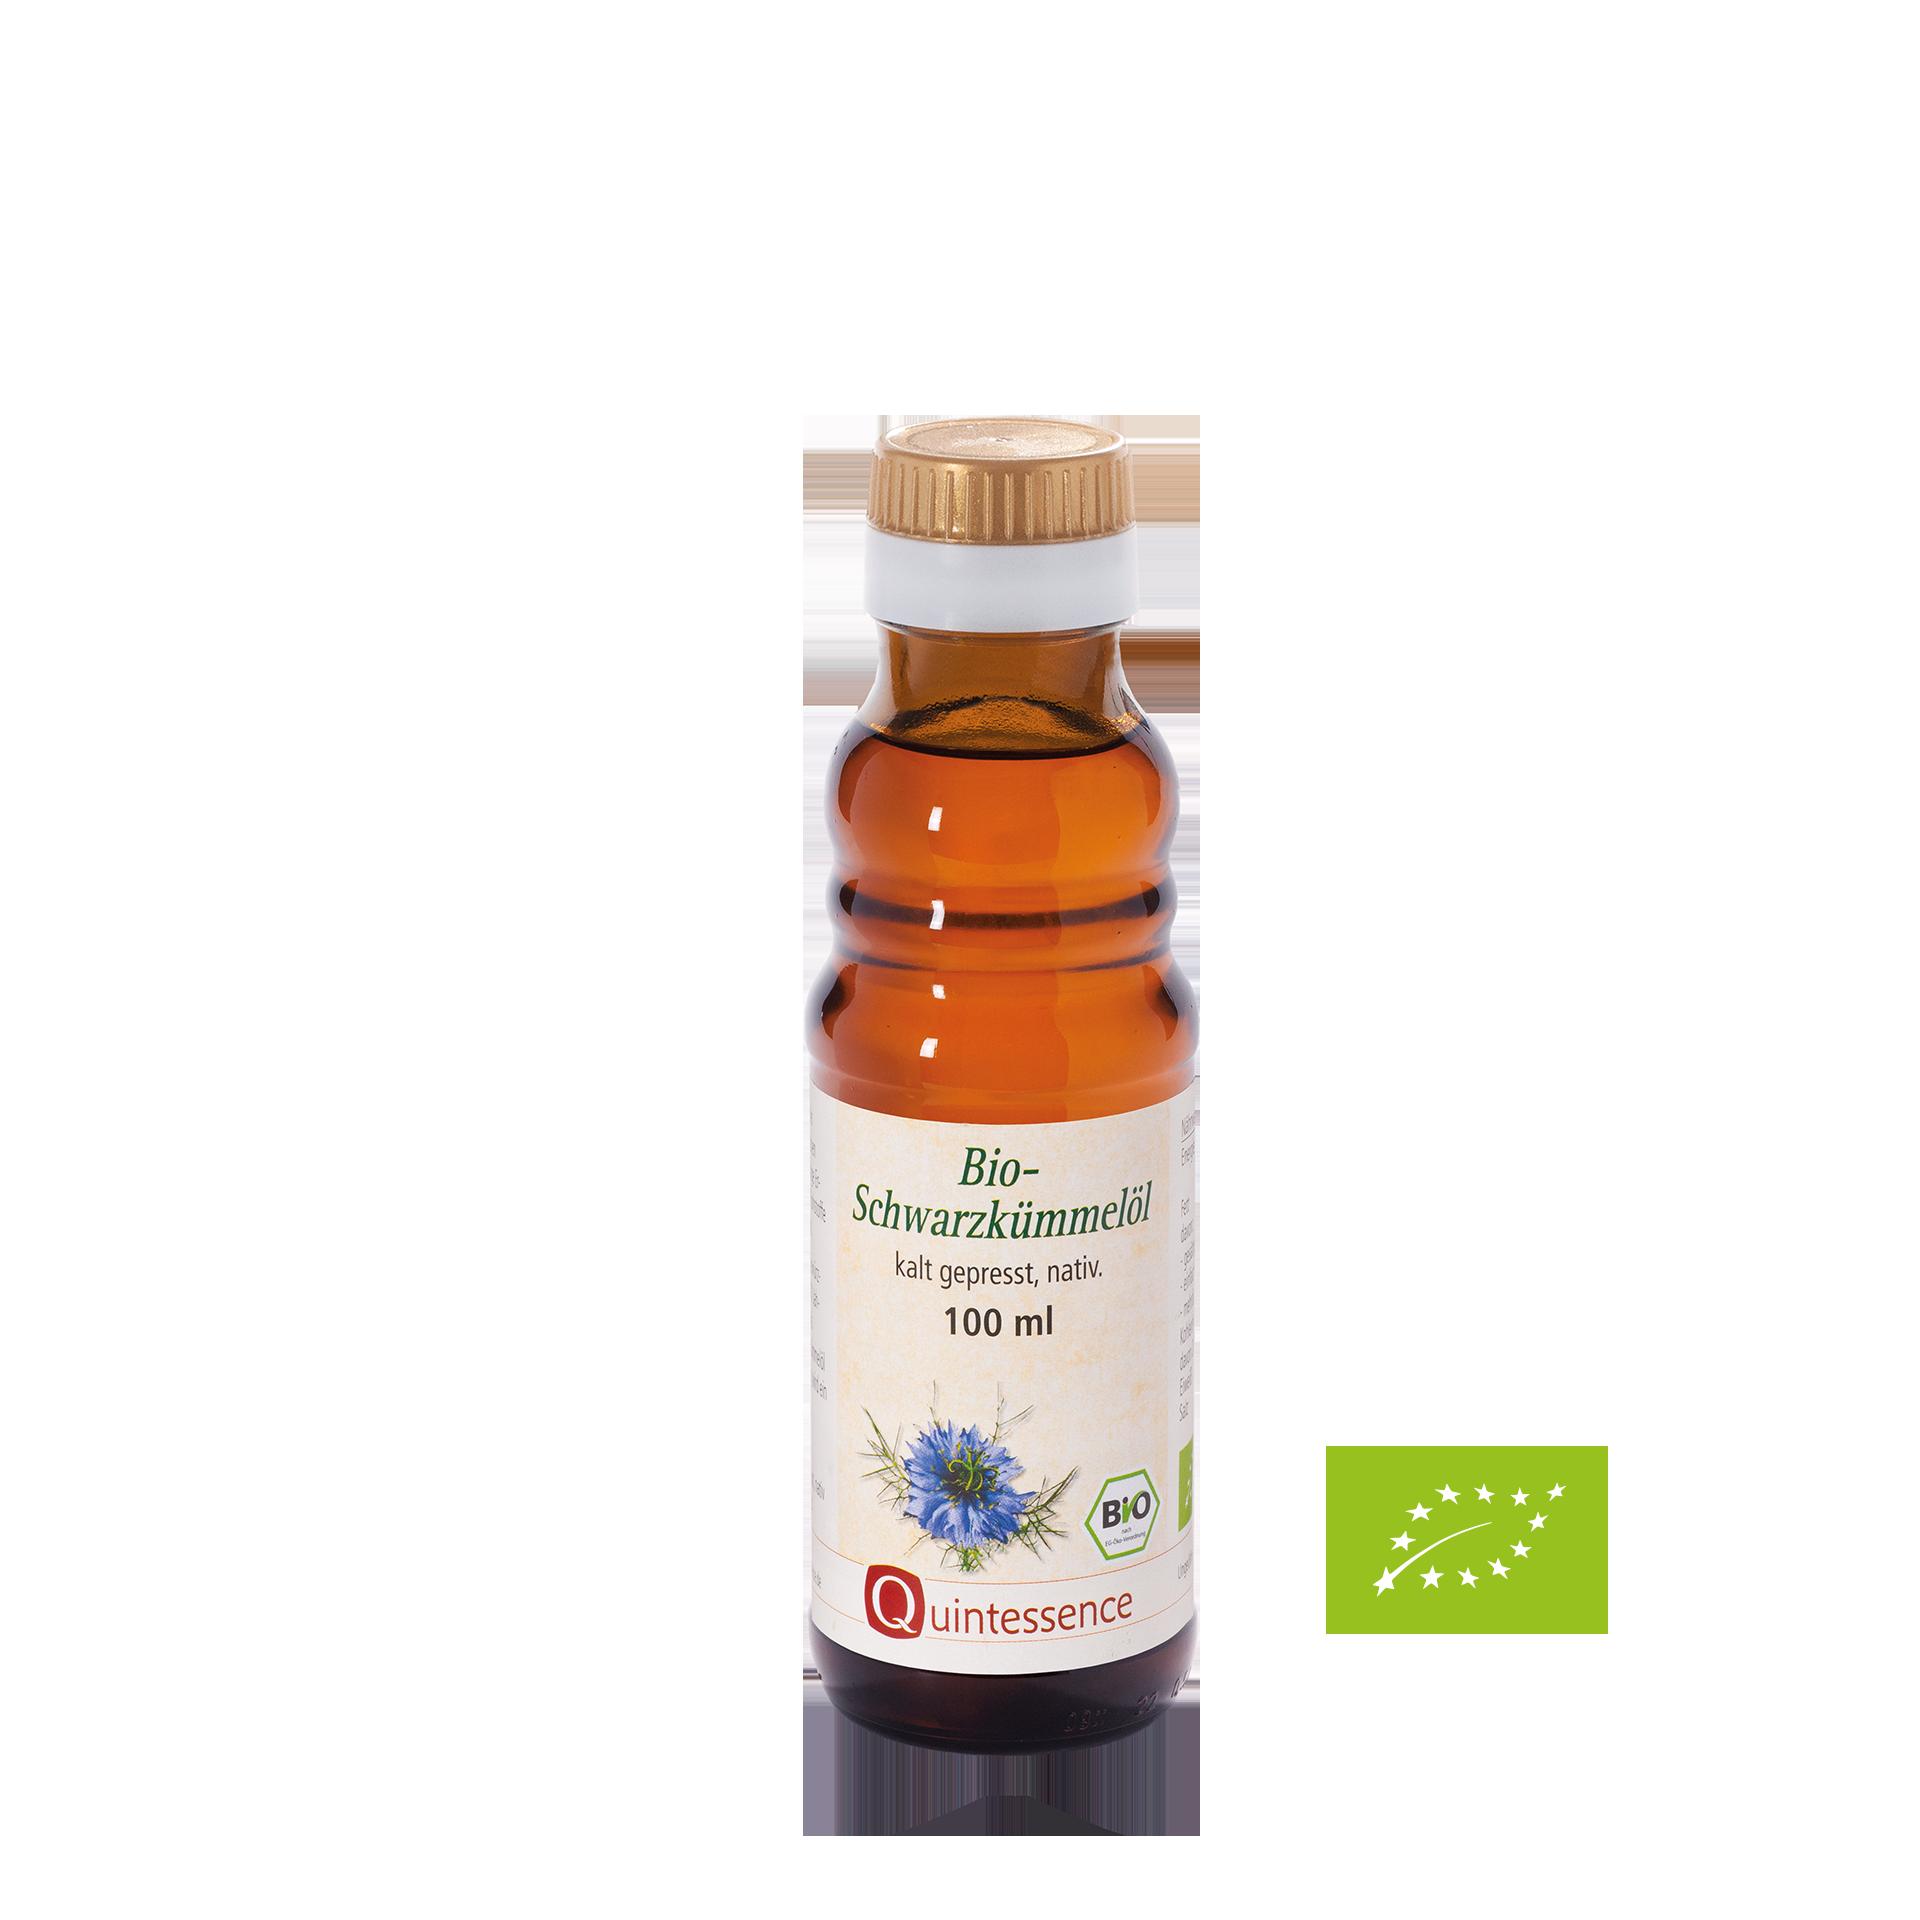 Bio-Schwarzkümmelöl, 100 ml